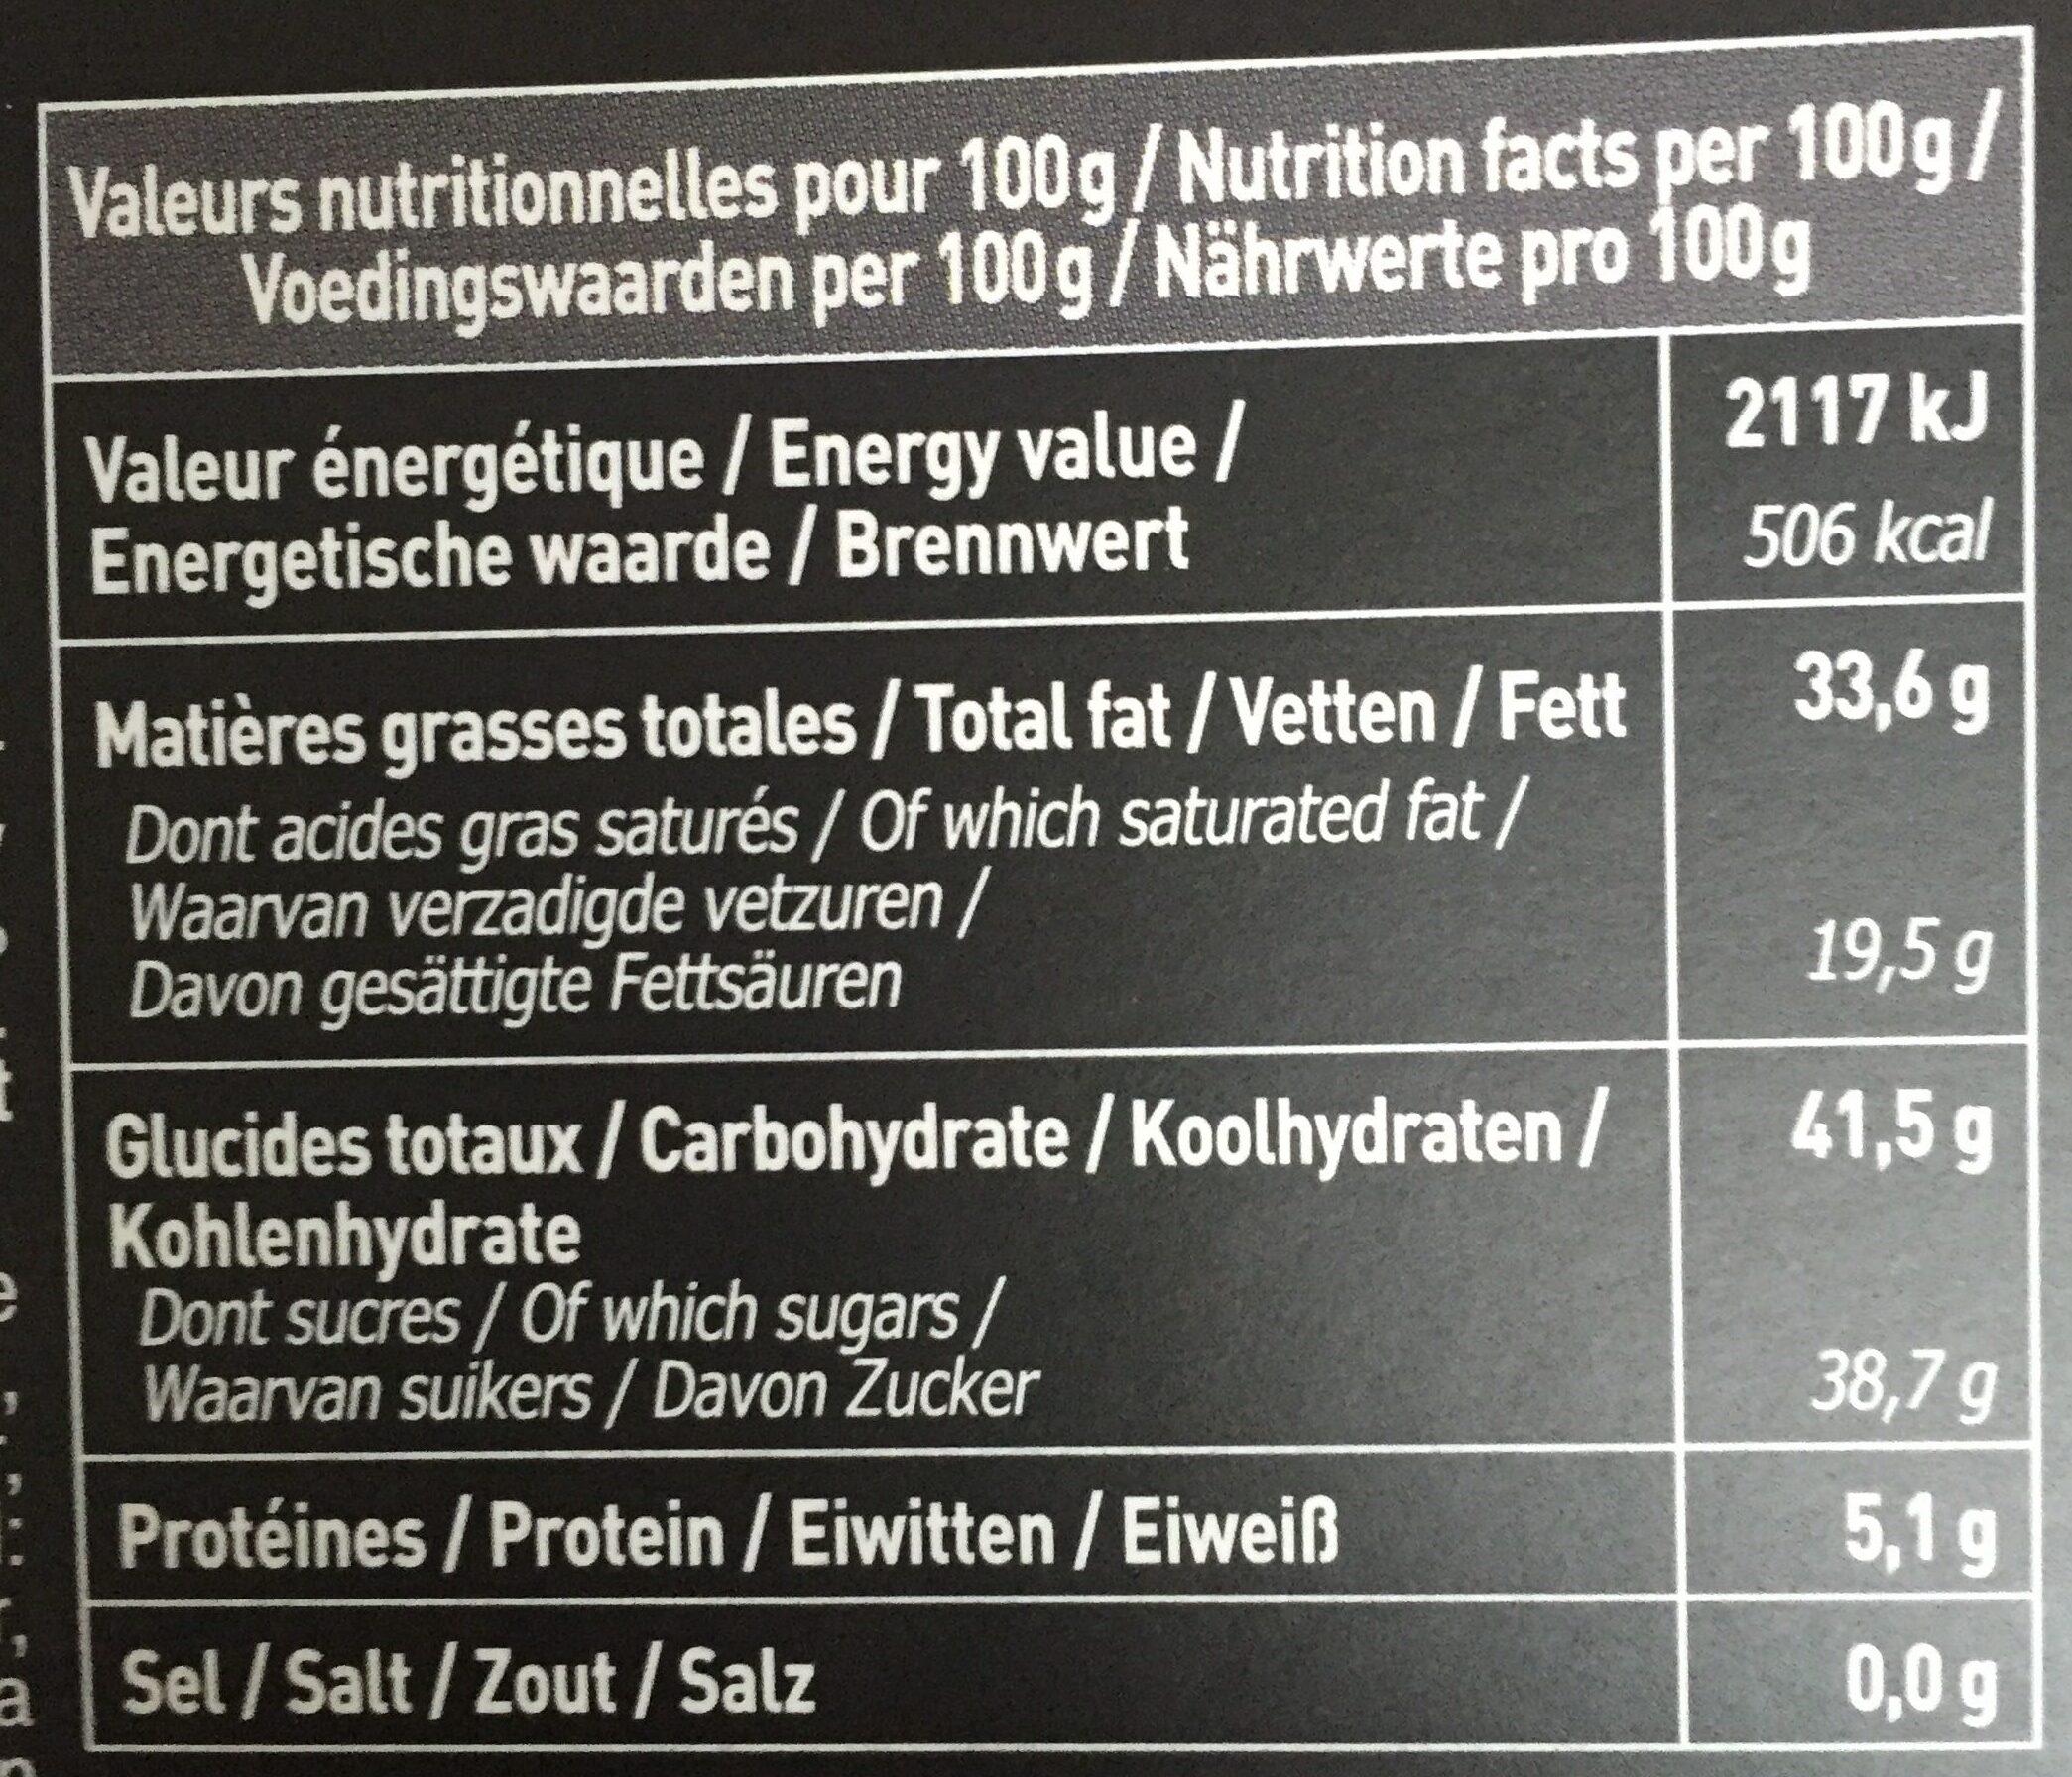 Les mini's bâtons - Nutrition facts - fr